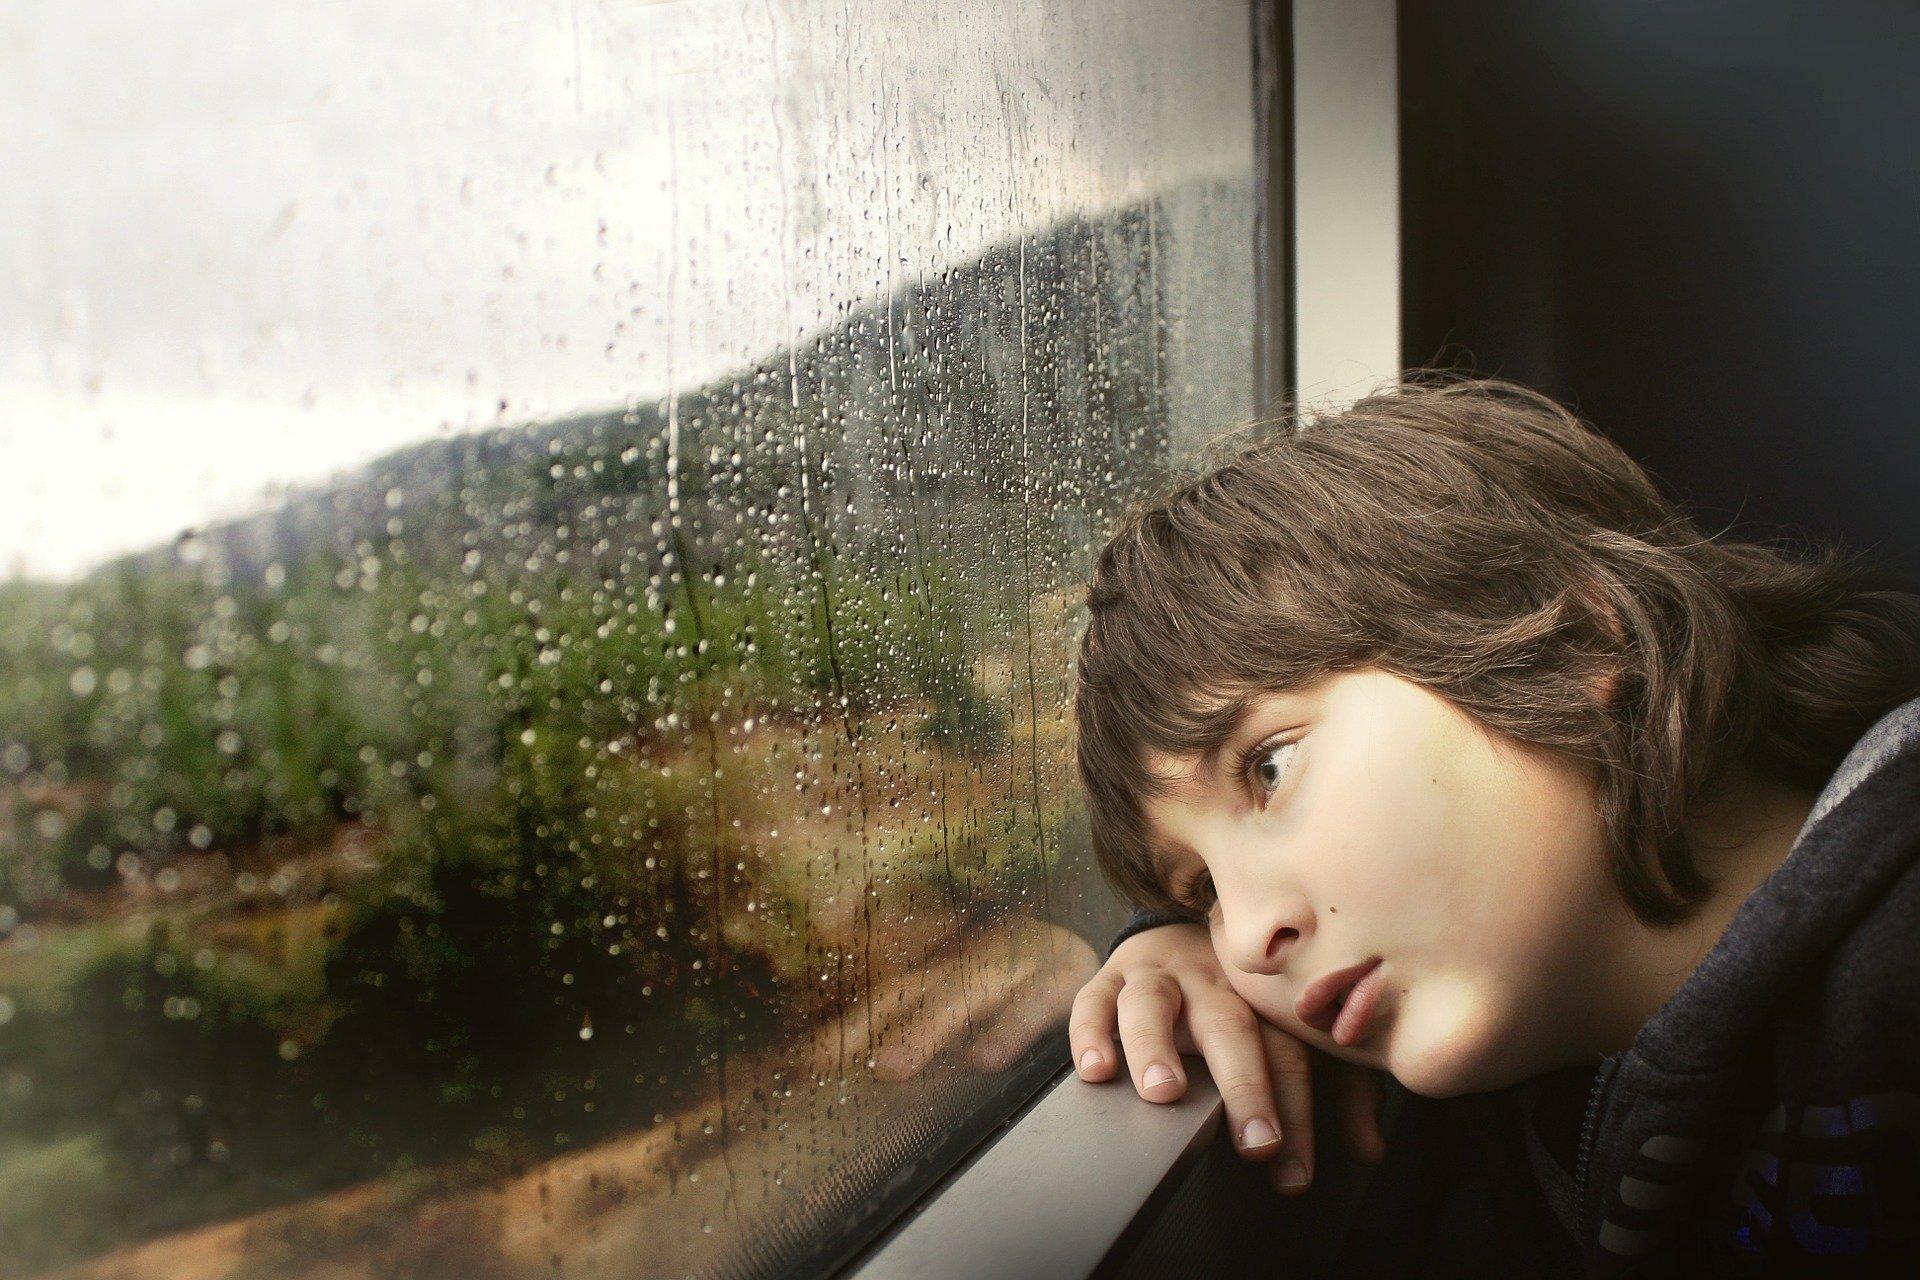 28 IV 2021 r. 16:30-18:30<br/>Depresja u dzieci i młodzieży - symptomy i sposoby interwencji<br/>160 zł